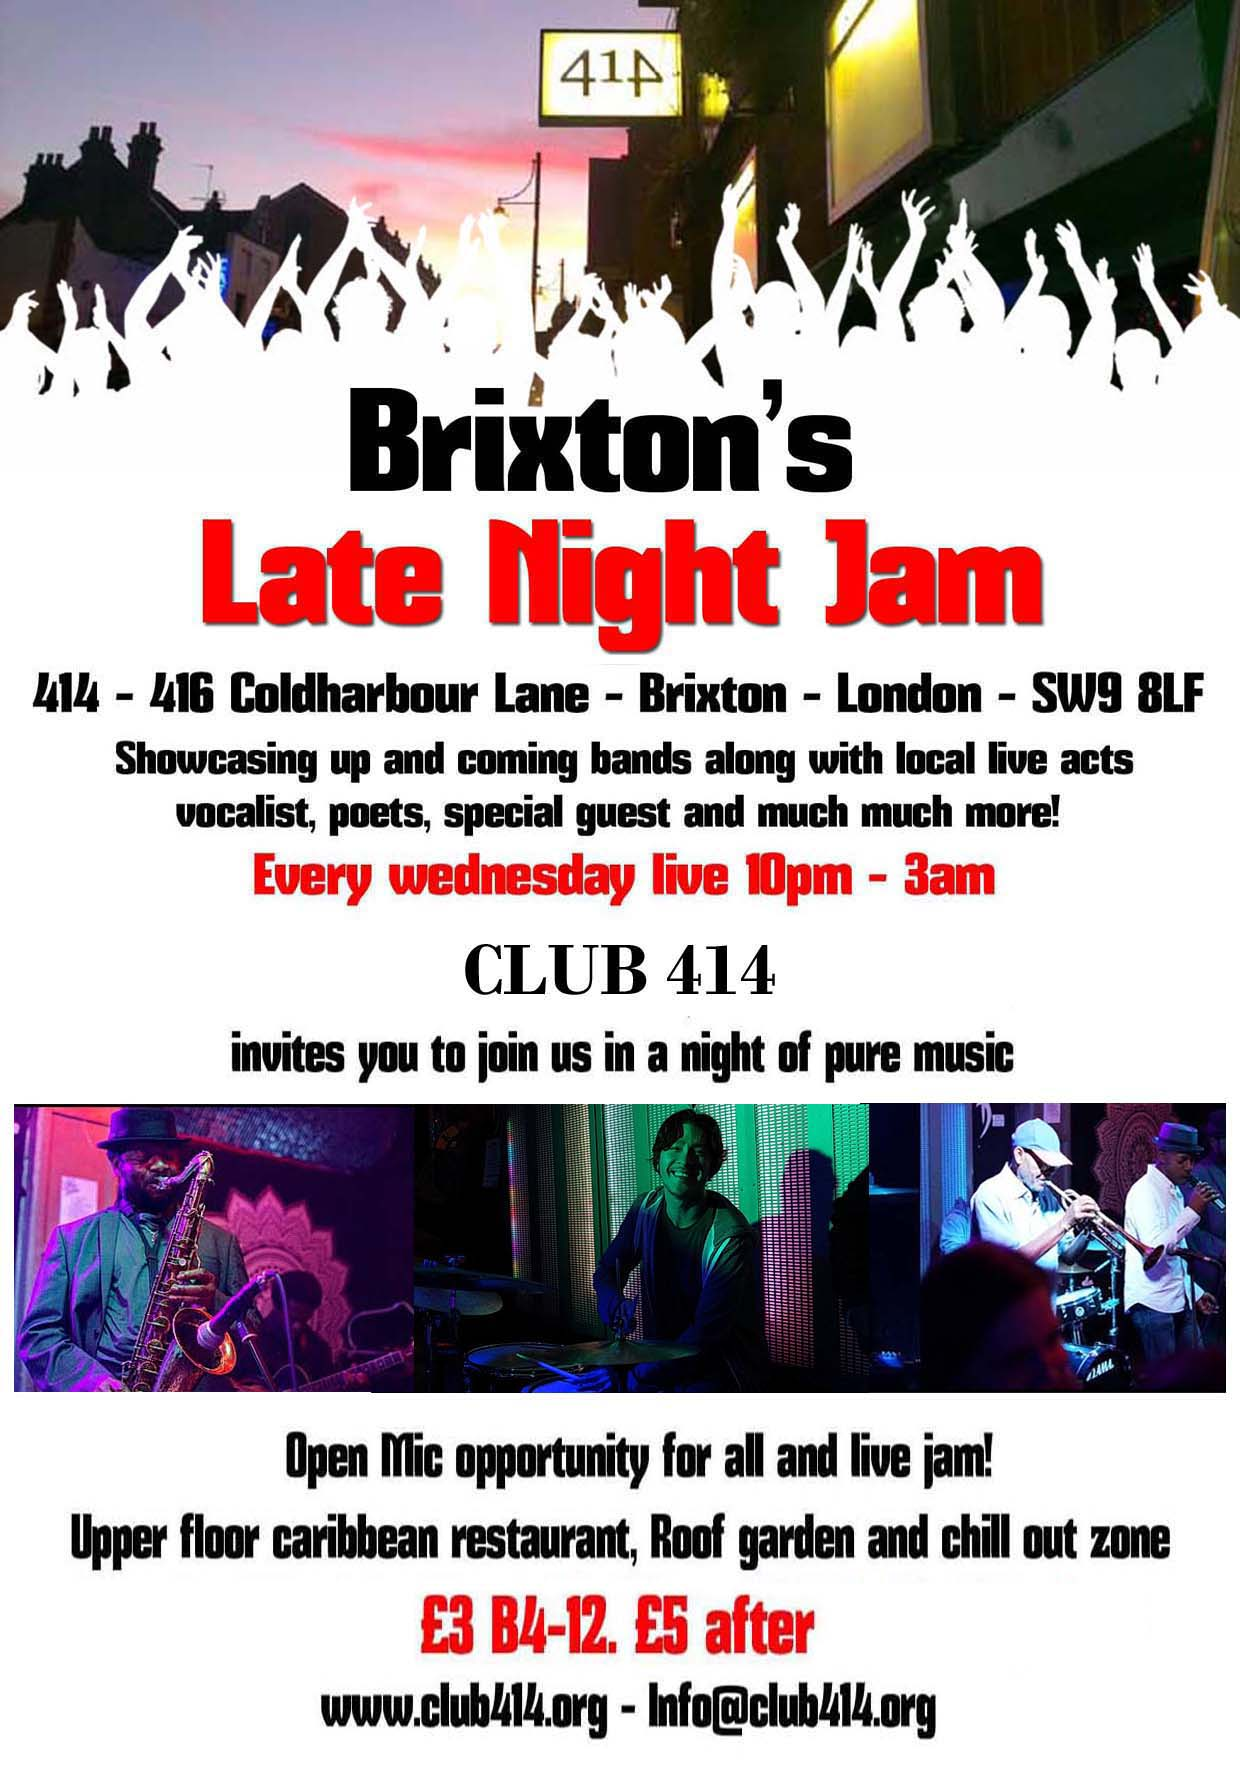 Brixton's Late Night Jam